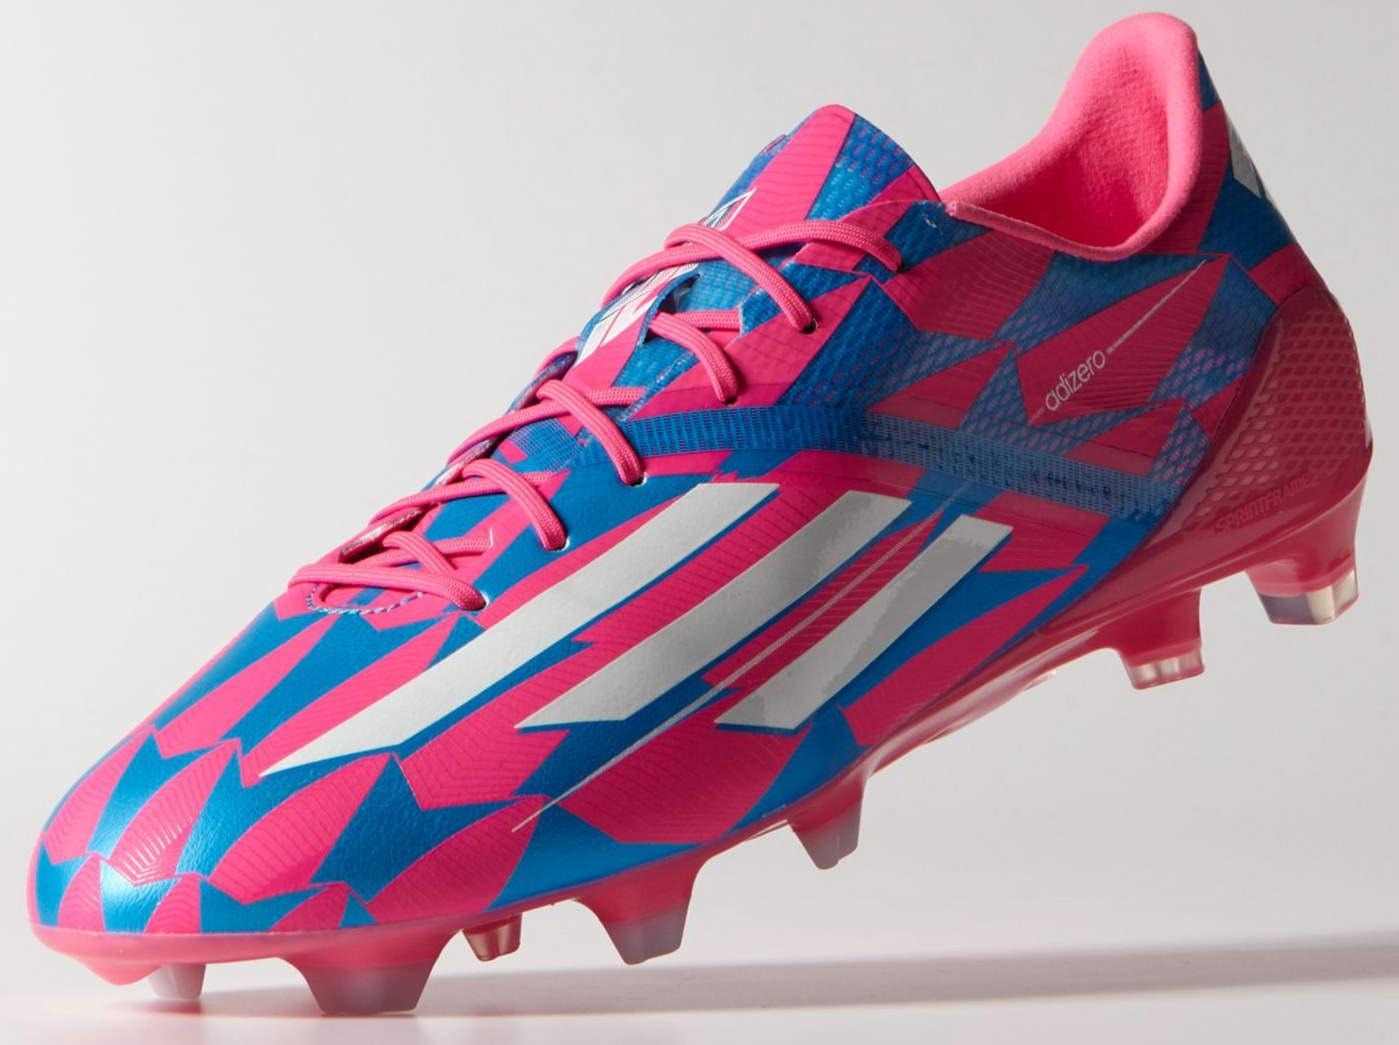 ffa047edaad01 adidas adizero f50 2014